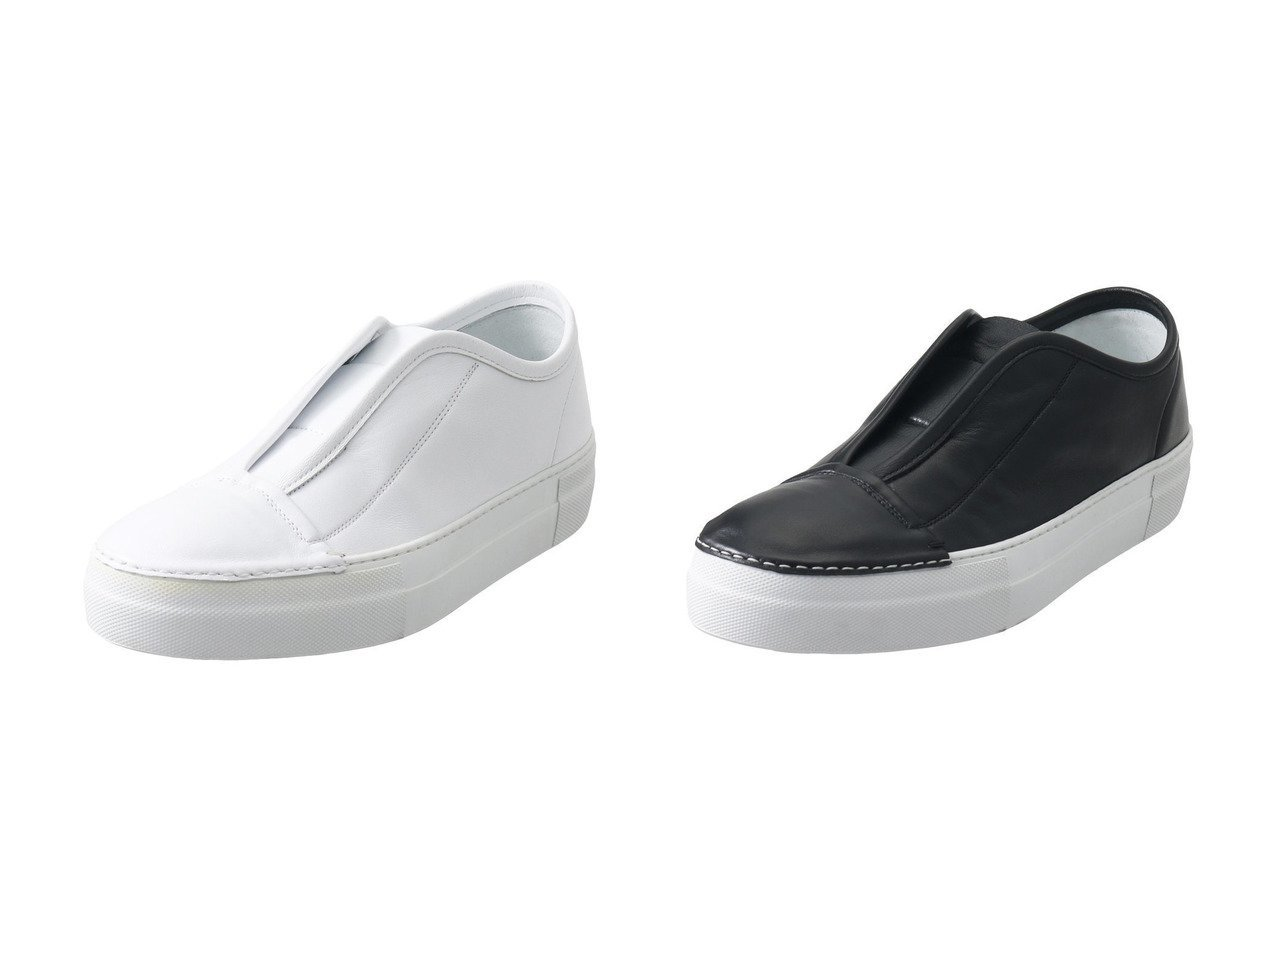 【PLAIN PEOPLE/プレインピープル】の【Rocco P.】レザースリッポンスニーカー 【シューズ・靴】おすすめ!人気、トレンド・レディースファッションの通販 おすすめで人気の流行・トレンド、ファッションの通販商品 メンズファッション・キッズファッション・インテリア・家具・レディースファッション・服の通販 founy(ファニー) https://founy.com/ ファッション Fashion レディースファッション WOMEN シンプル スニーカー |ID:crp329100000039530